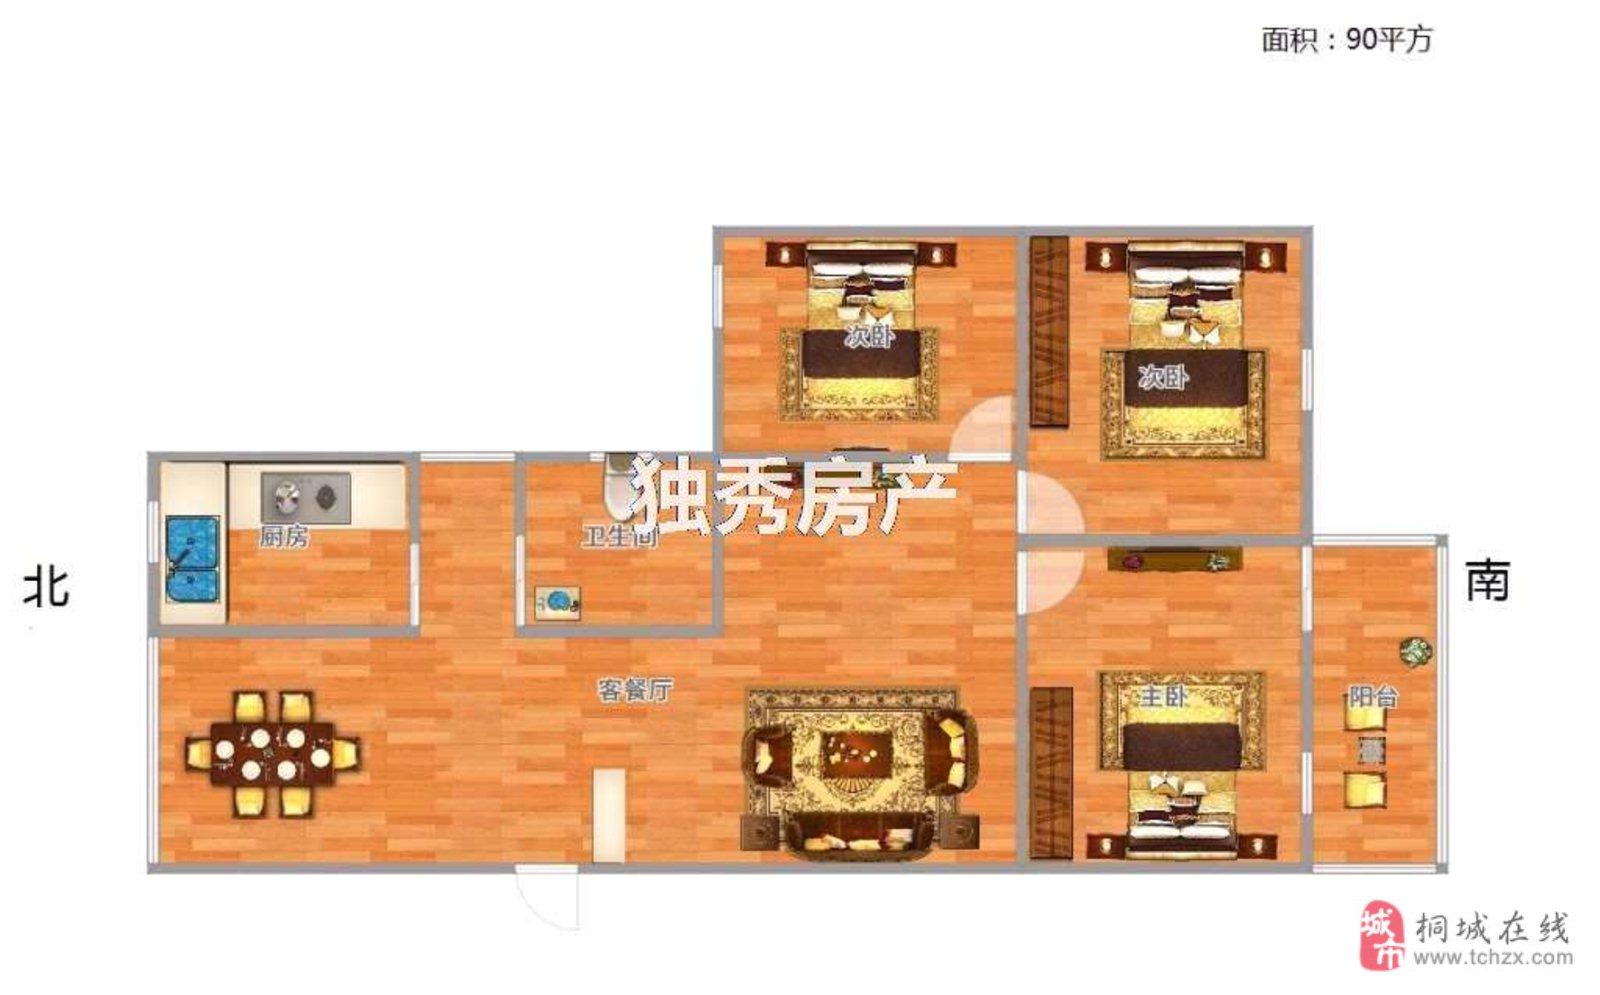 路橋公司宿舍離實驗中學實小就200米3室2廳1衛45萬元